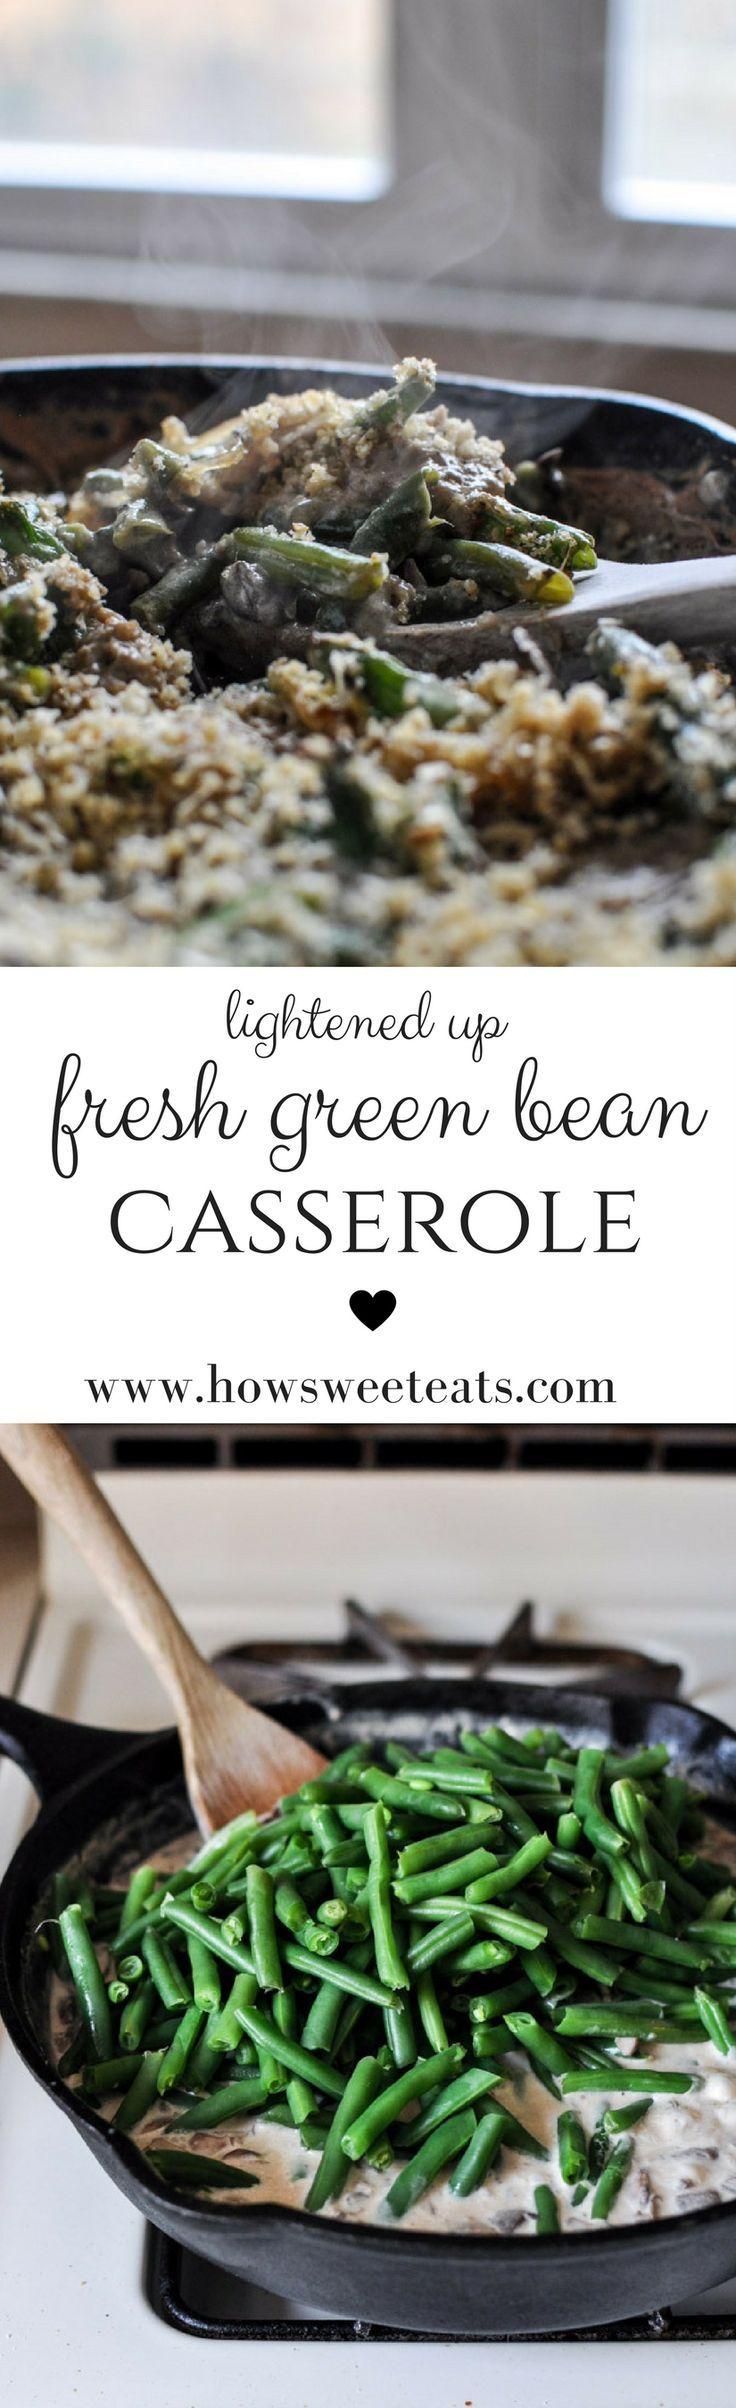 Lightened Up Fresh Green Bean Casserole I http://howsweeteats.com /howsweeteats/